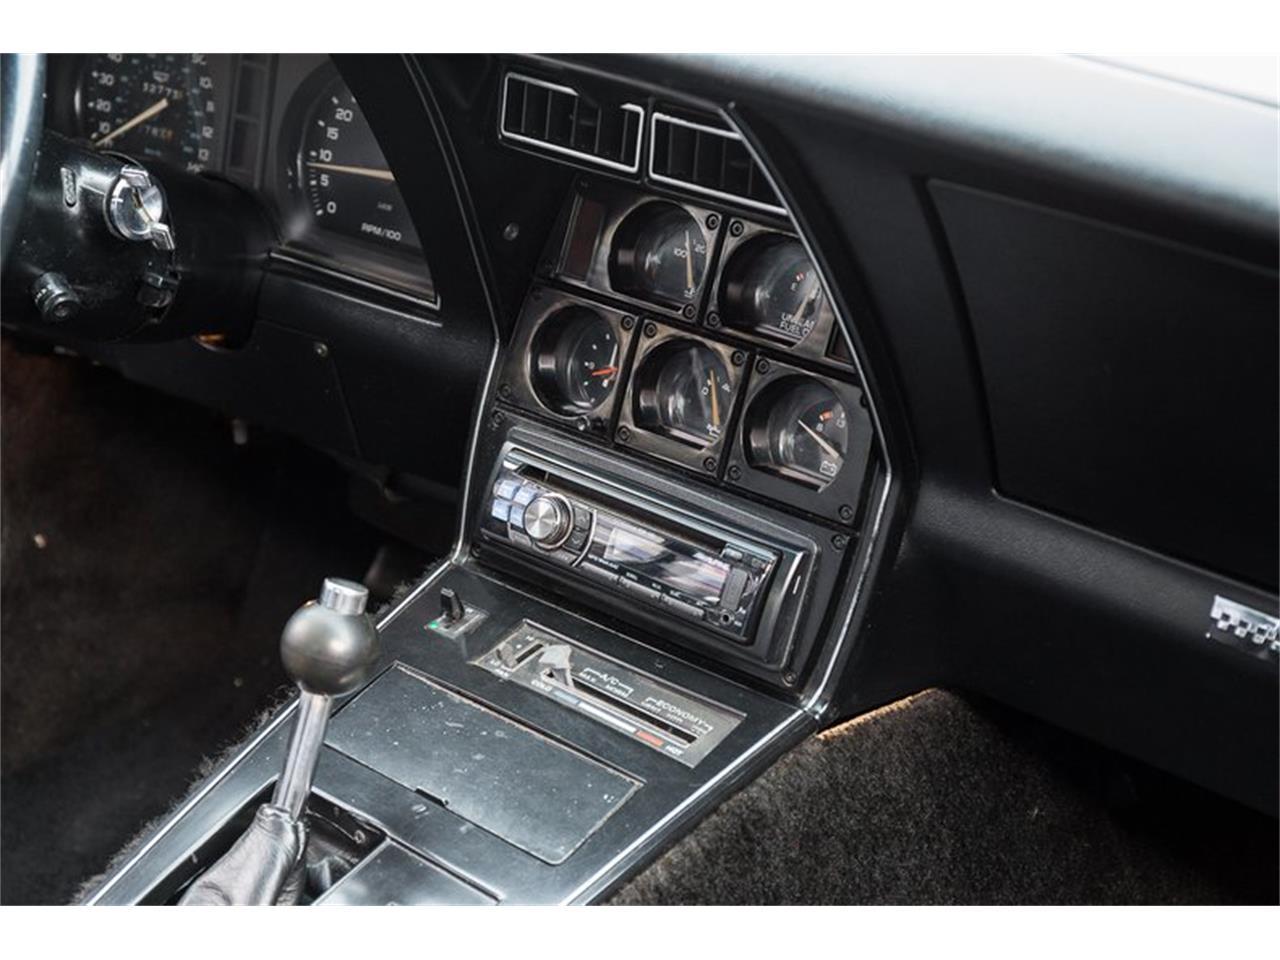 Large Picture of '78 Chevrolet Corvette located in Missouri - $19,995.00 - EBGP